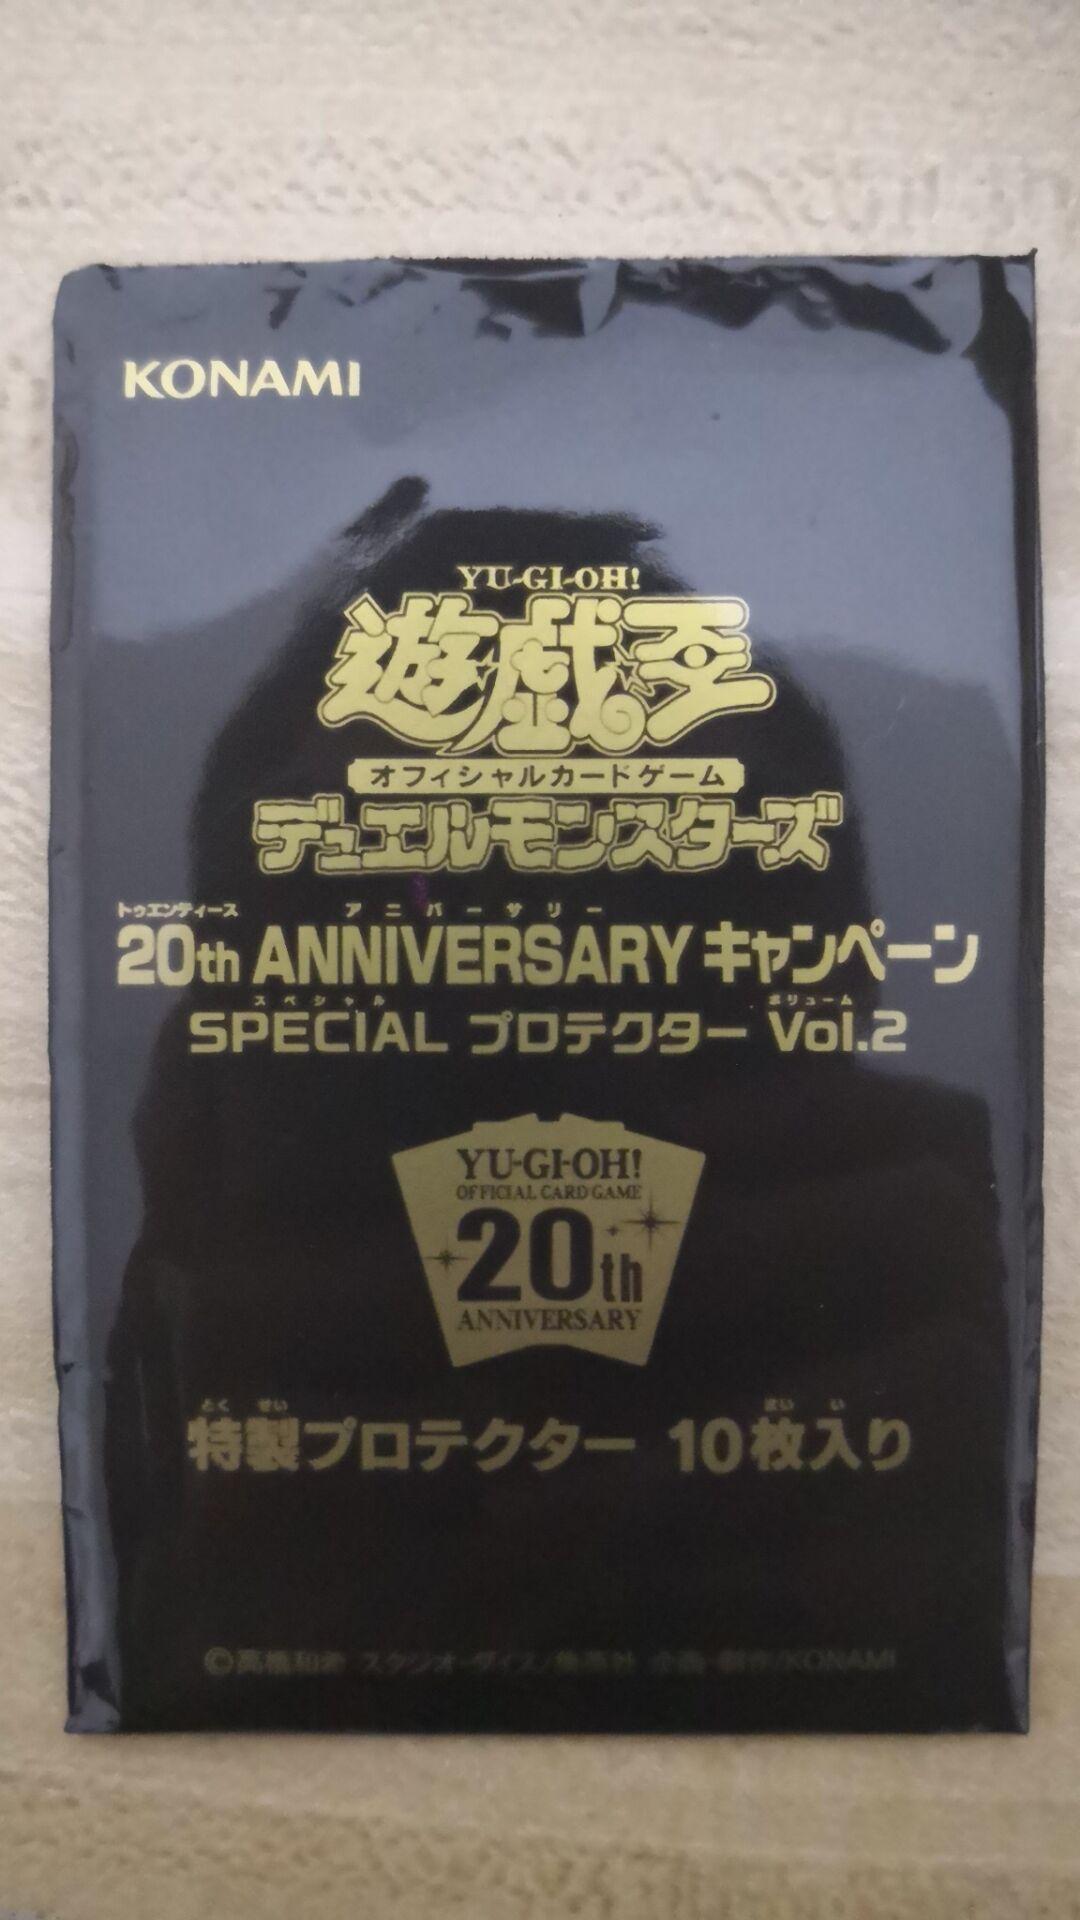 游戏王 20周年纪念卡套 VOL.2 一包10个未开封